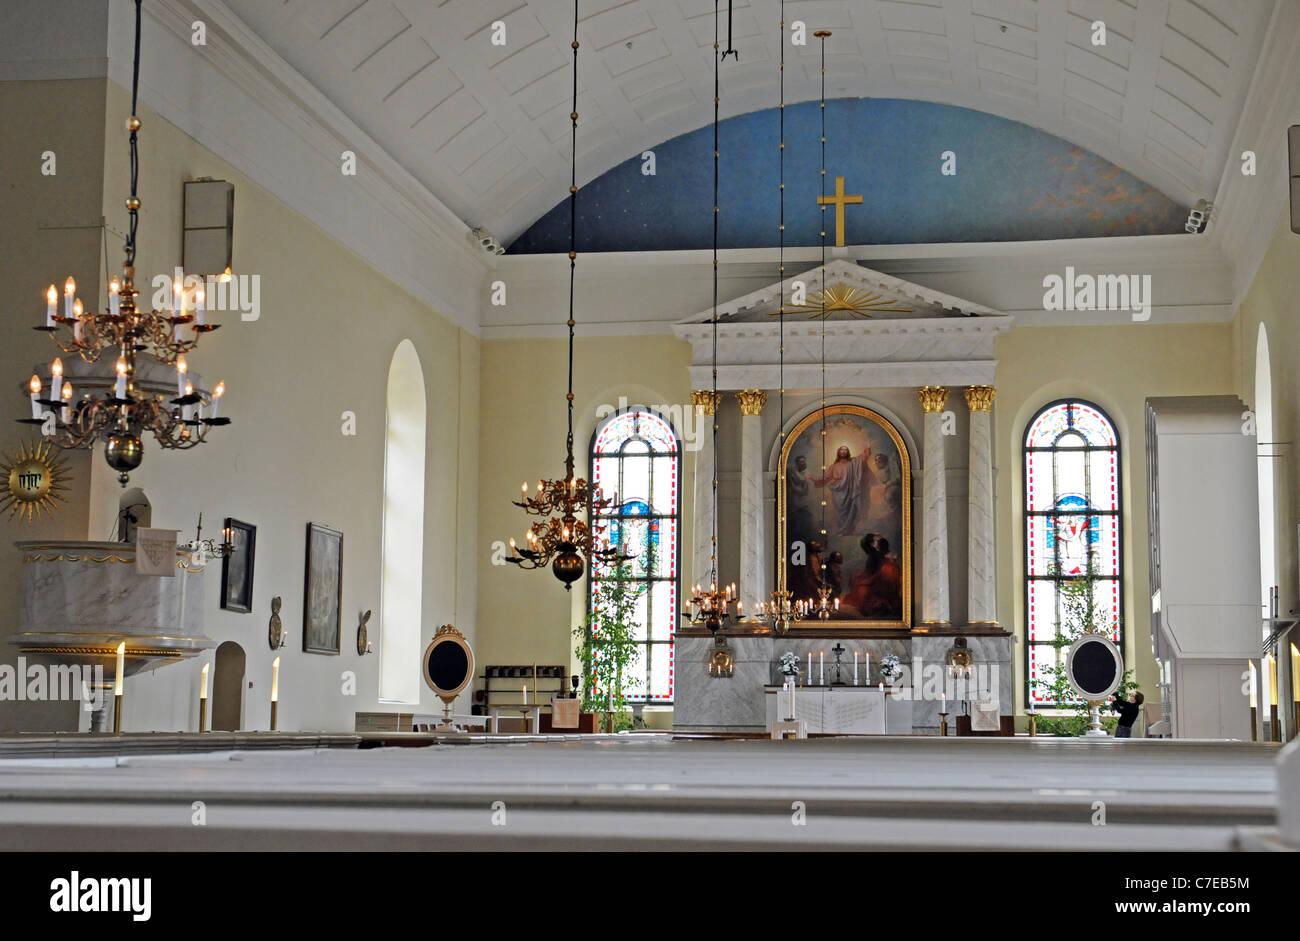 The church of Oulu (Oulun tuomiokirkko) - Stock Image